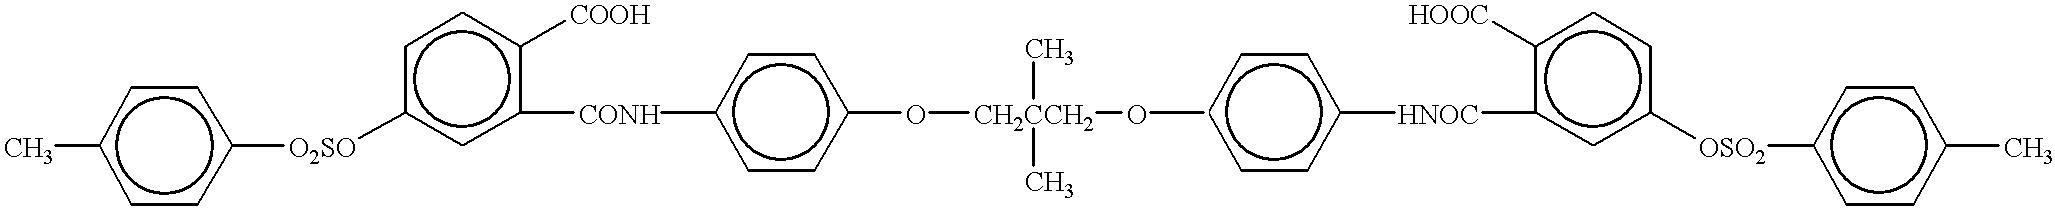 Figure US06180560-20010130-C00461